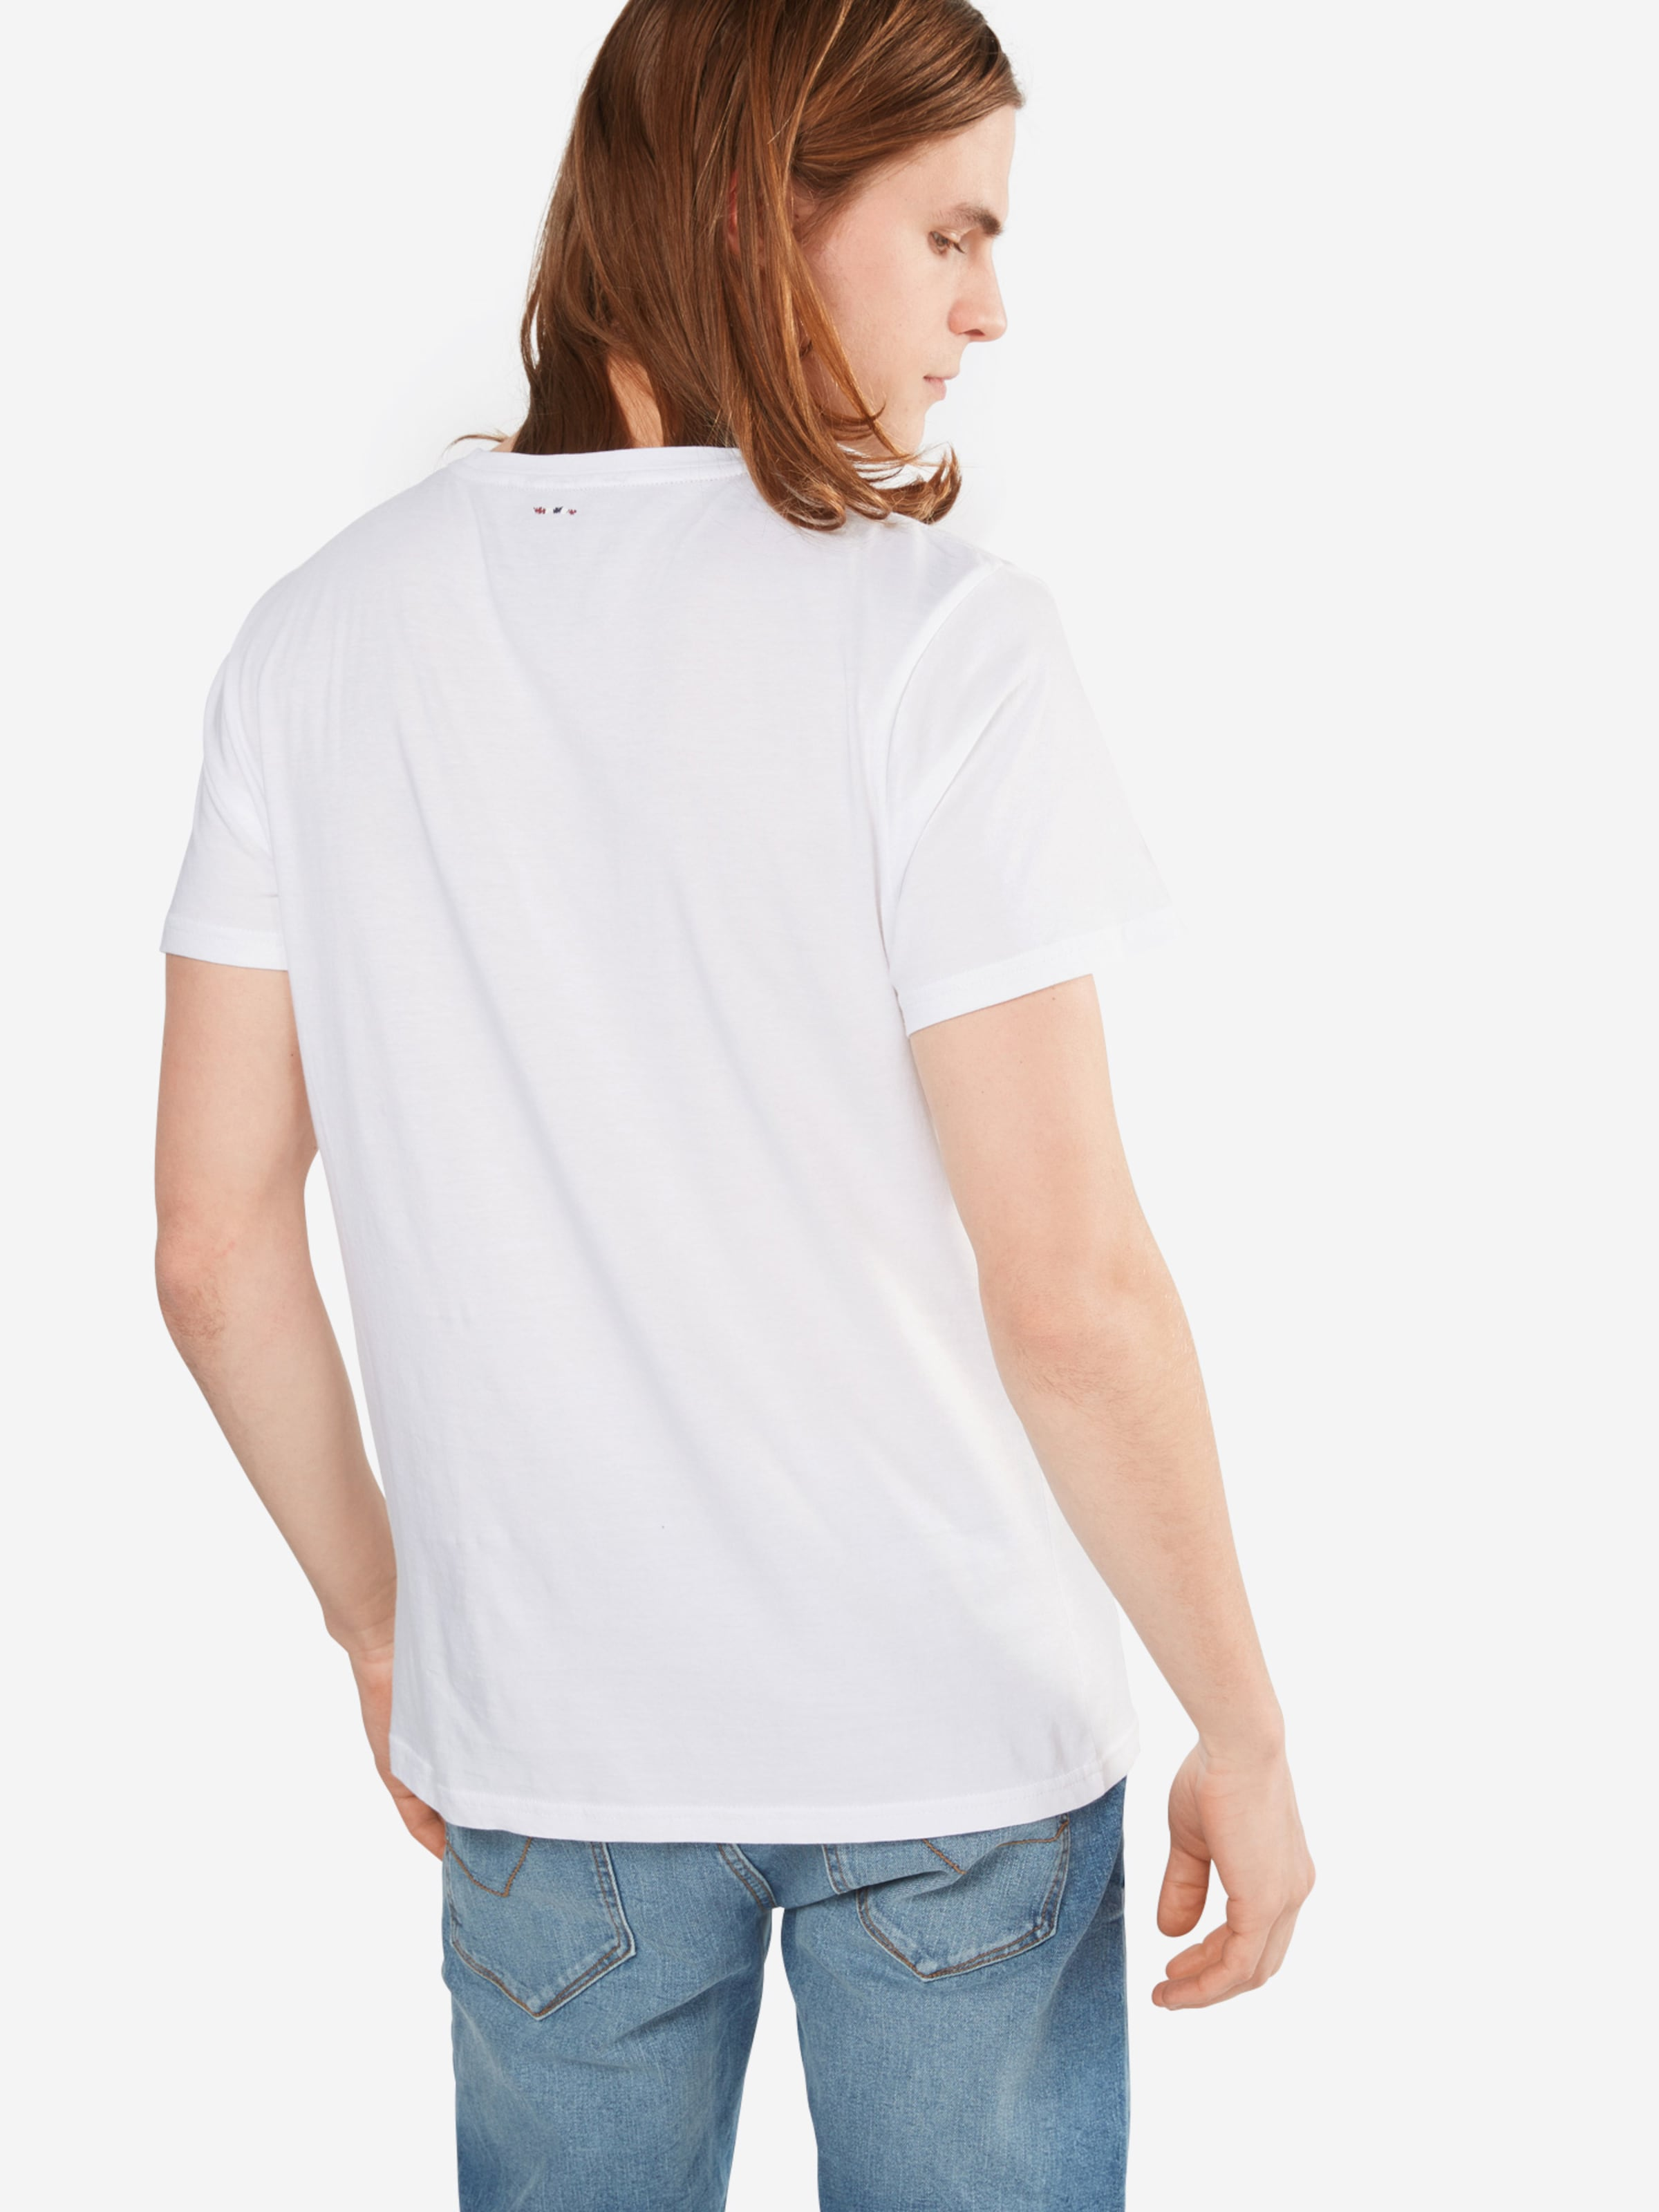 Erscheinungsdaten Günstig Online NAPAPIJRI T-Shirt 'SYROS' Freies Verschiffen Neue Stile Billig Günstig Online Footlocker Online ccEjmKIGcG